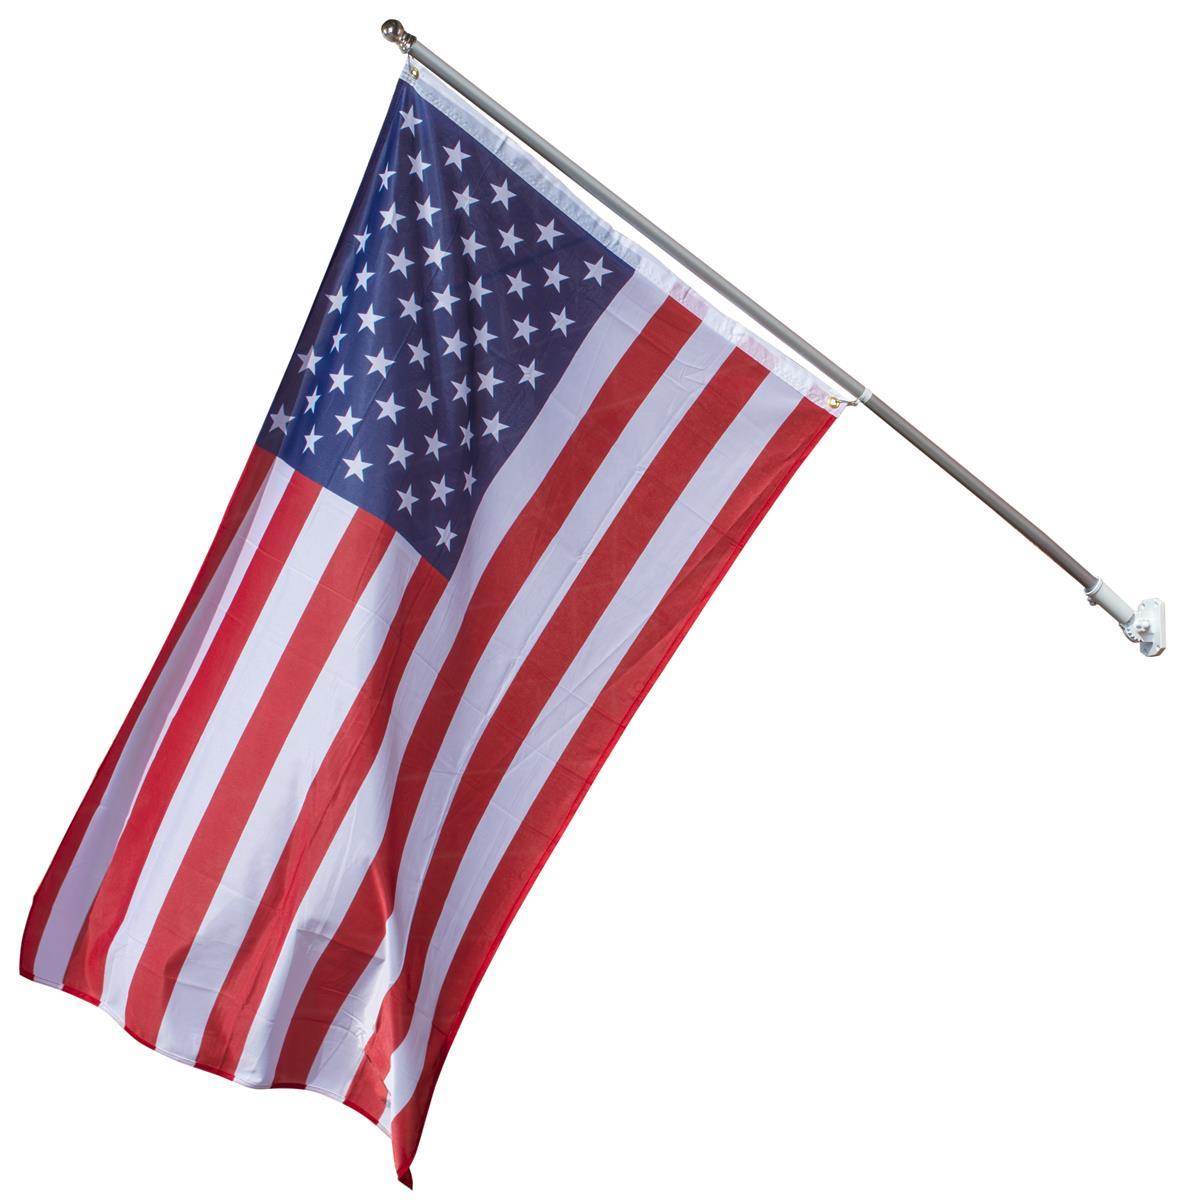 Flag Pole With American Flag American Flag Flag Pole Flag